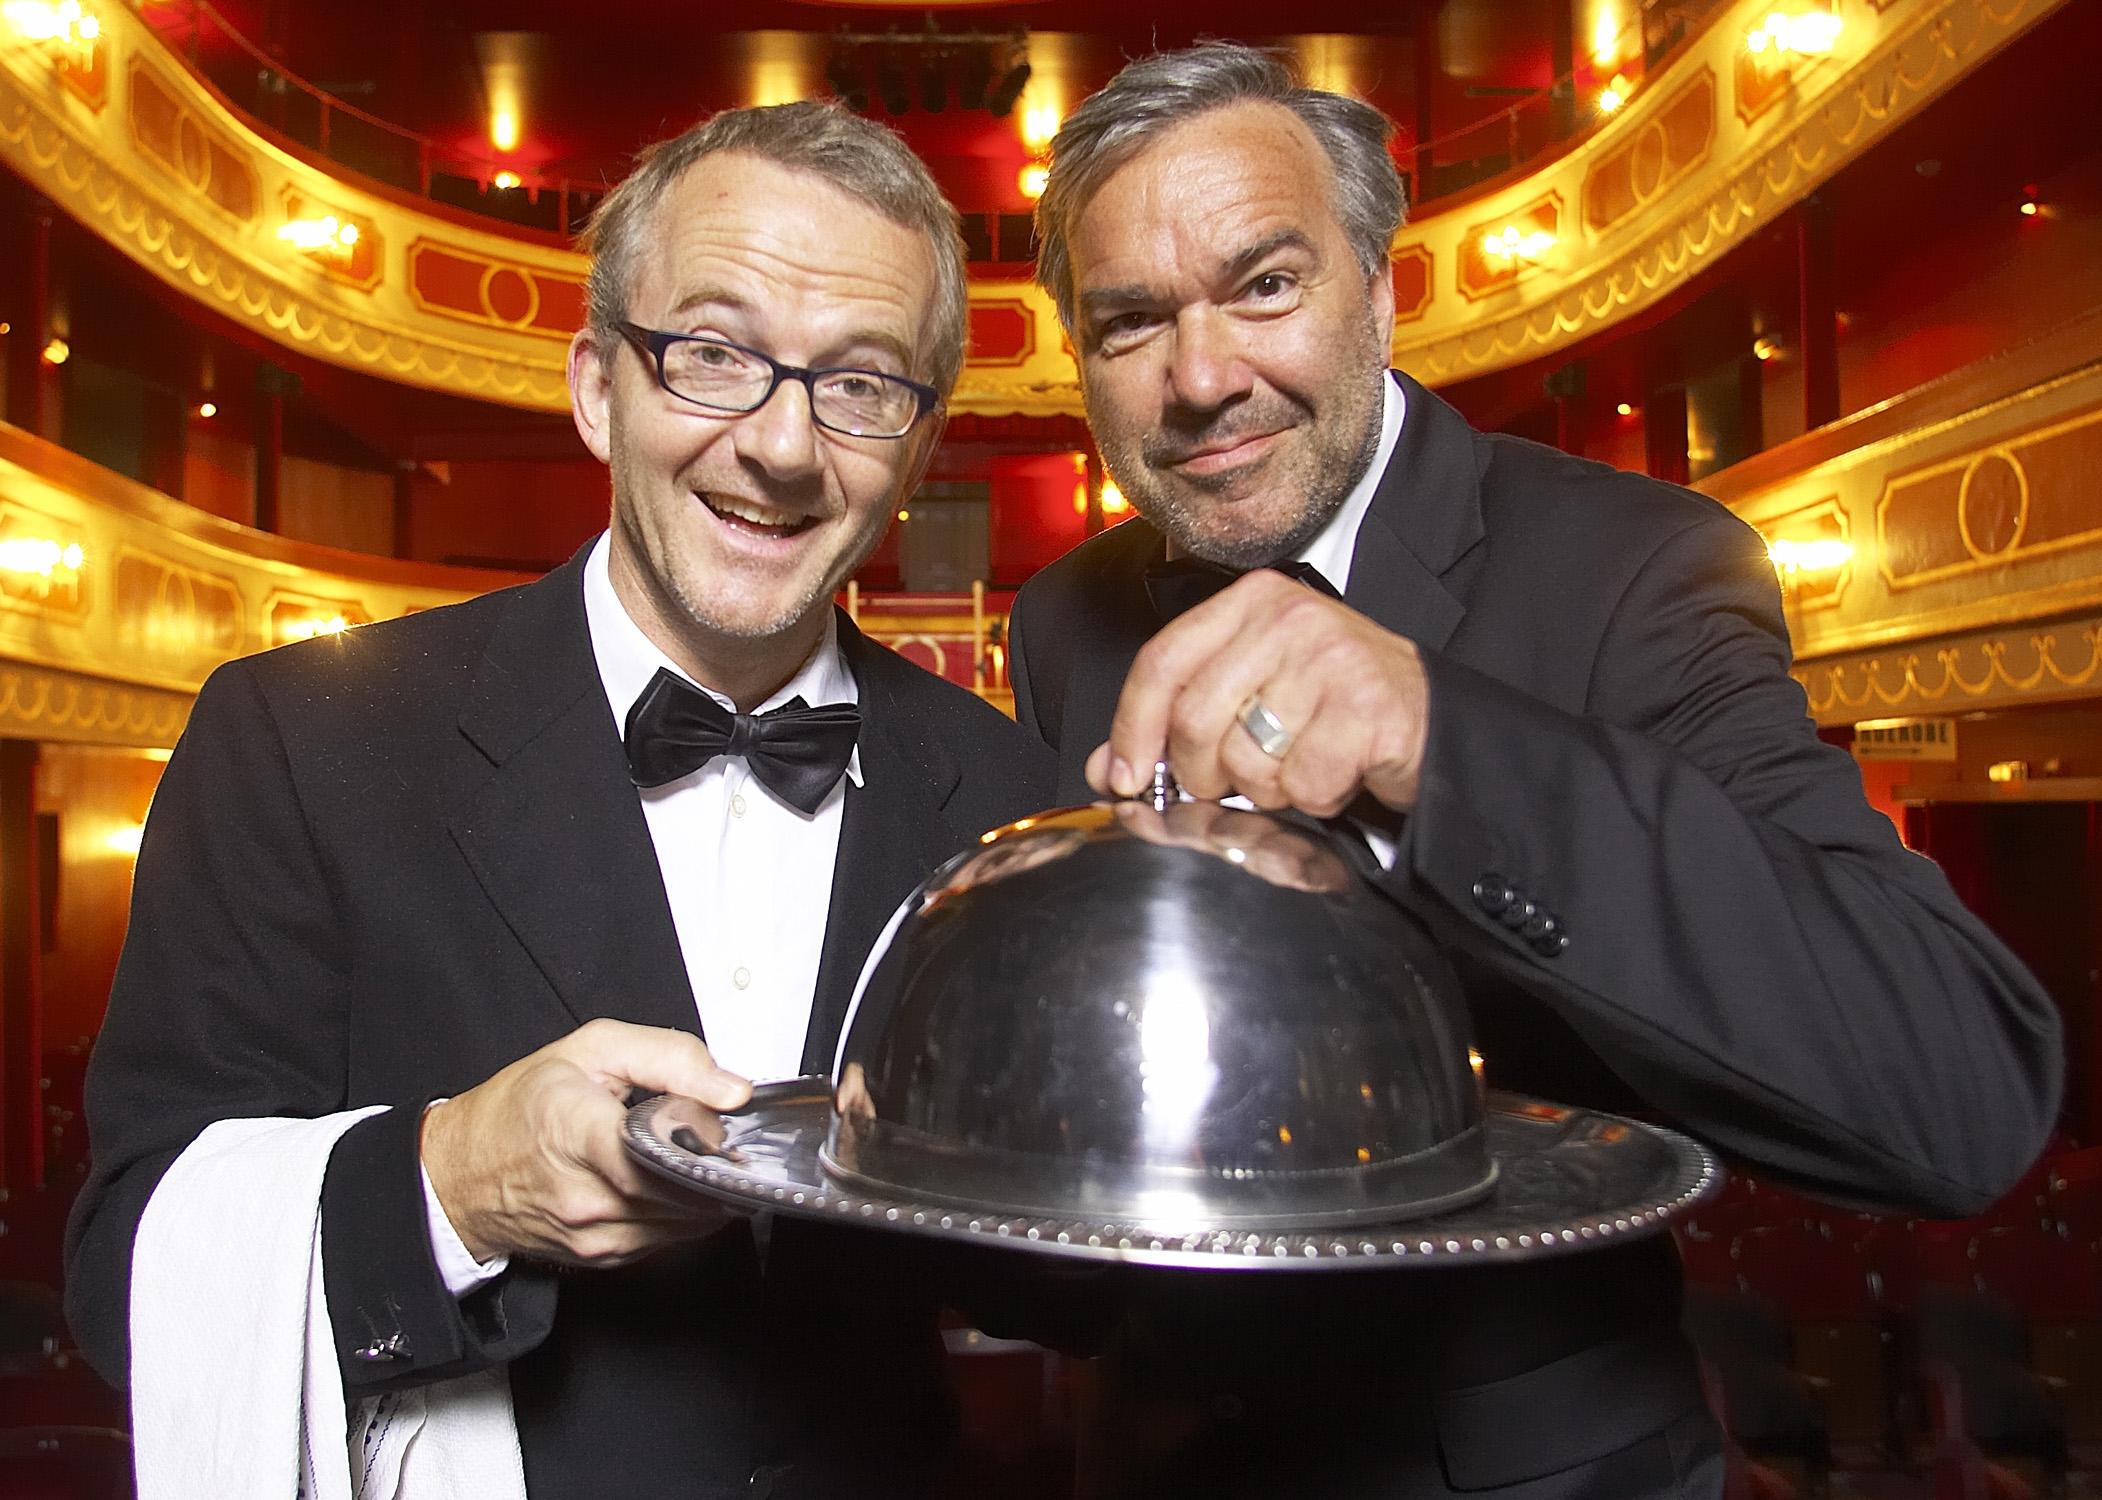 Die große Freiheit - Rolf Claussen und Stephan Gwildis - © St. Pauli Theater